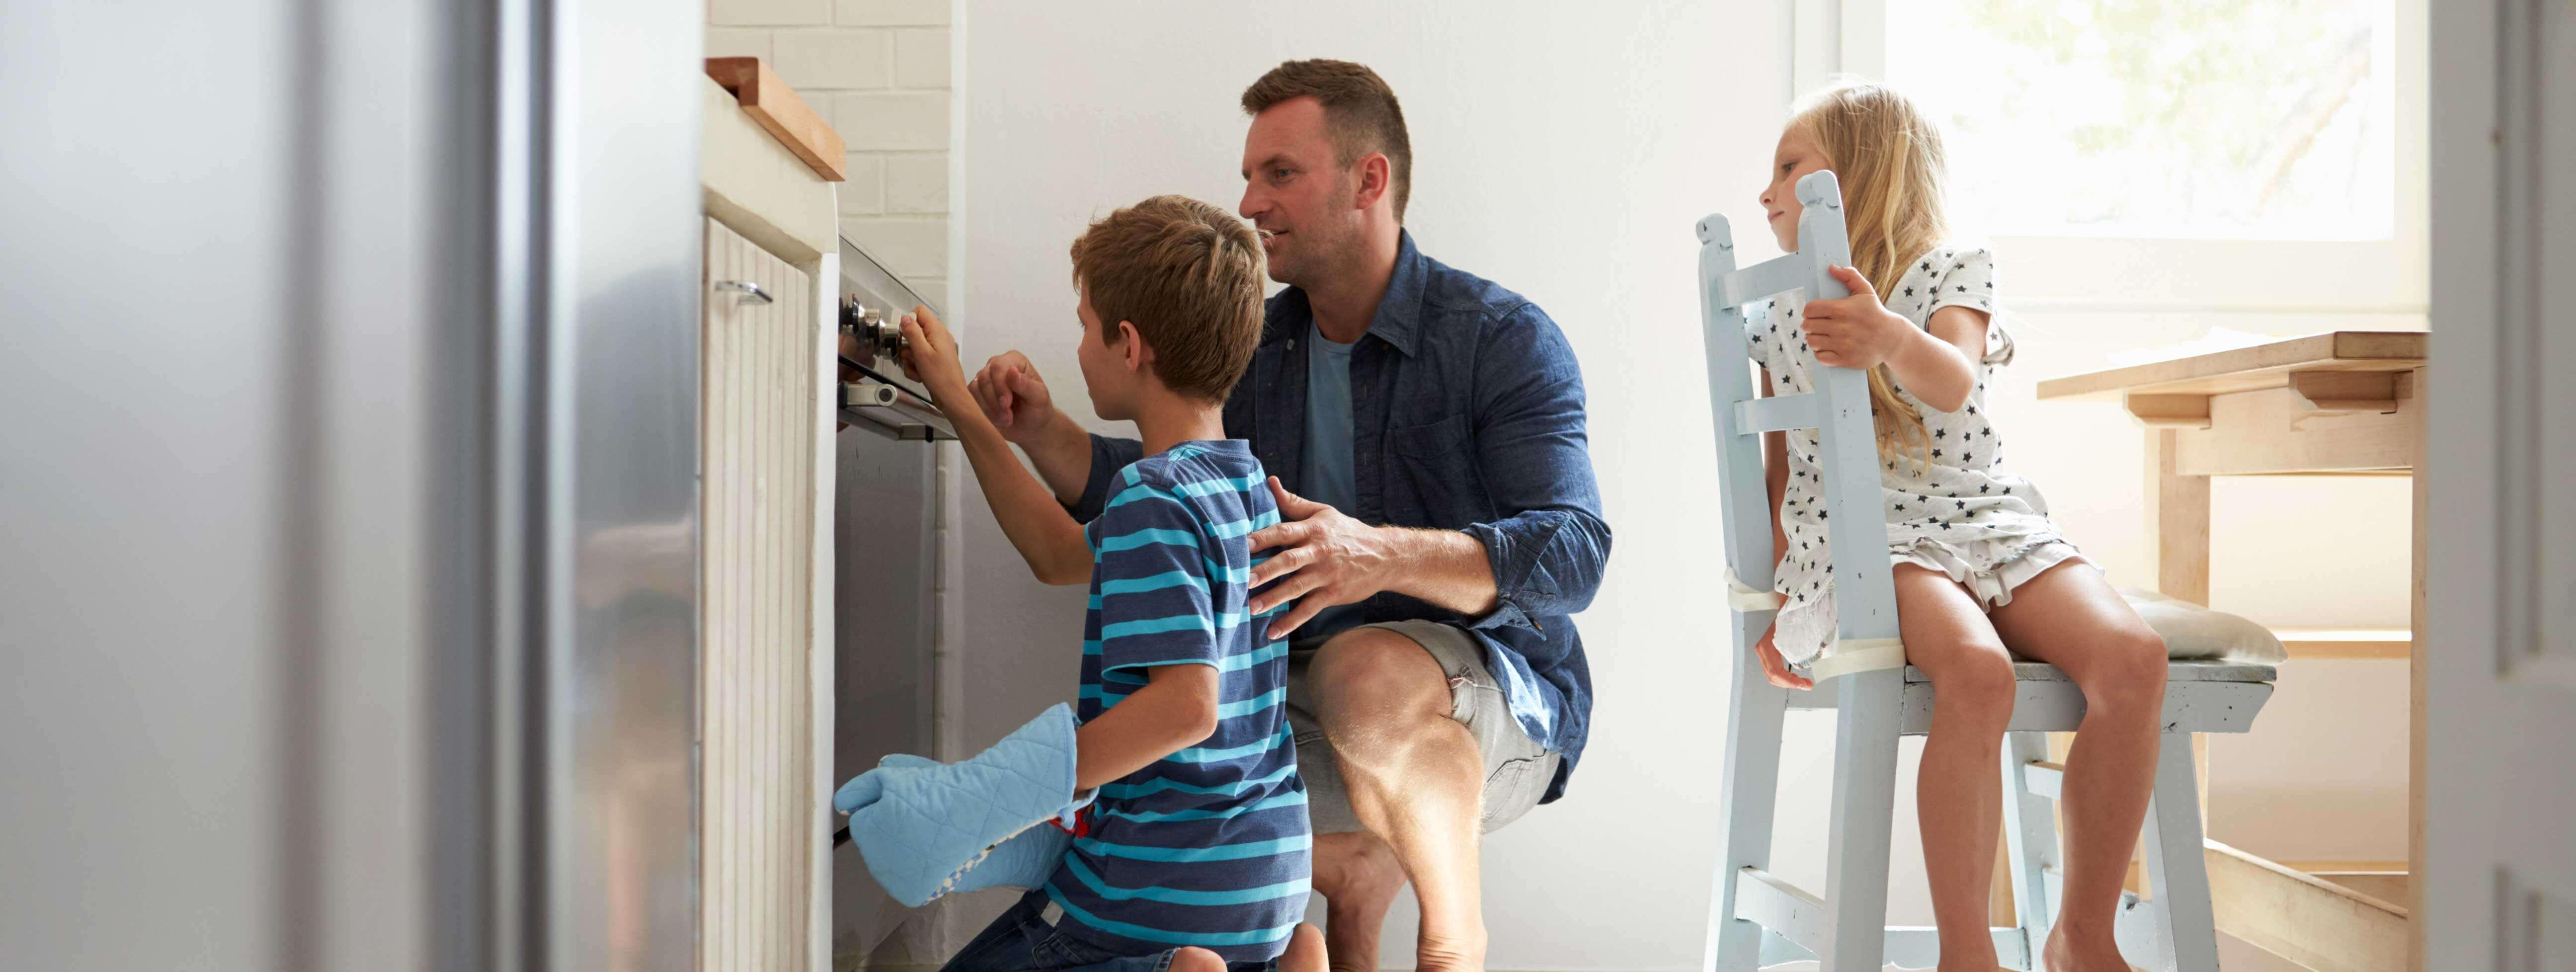 Familia cocinando en un horno eléctrico